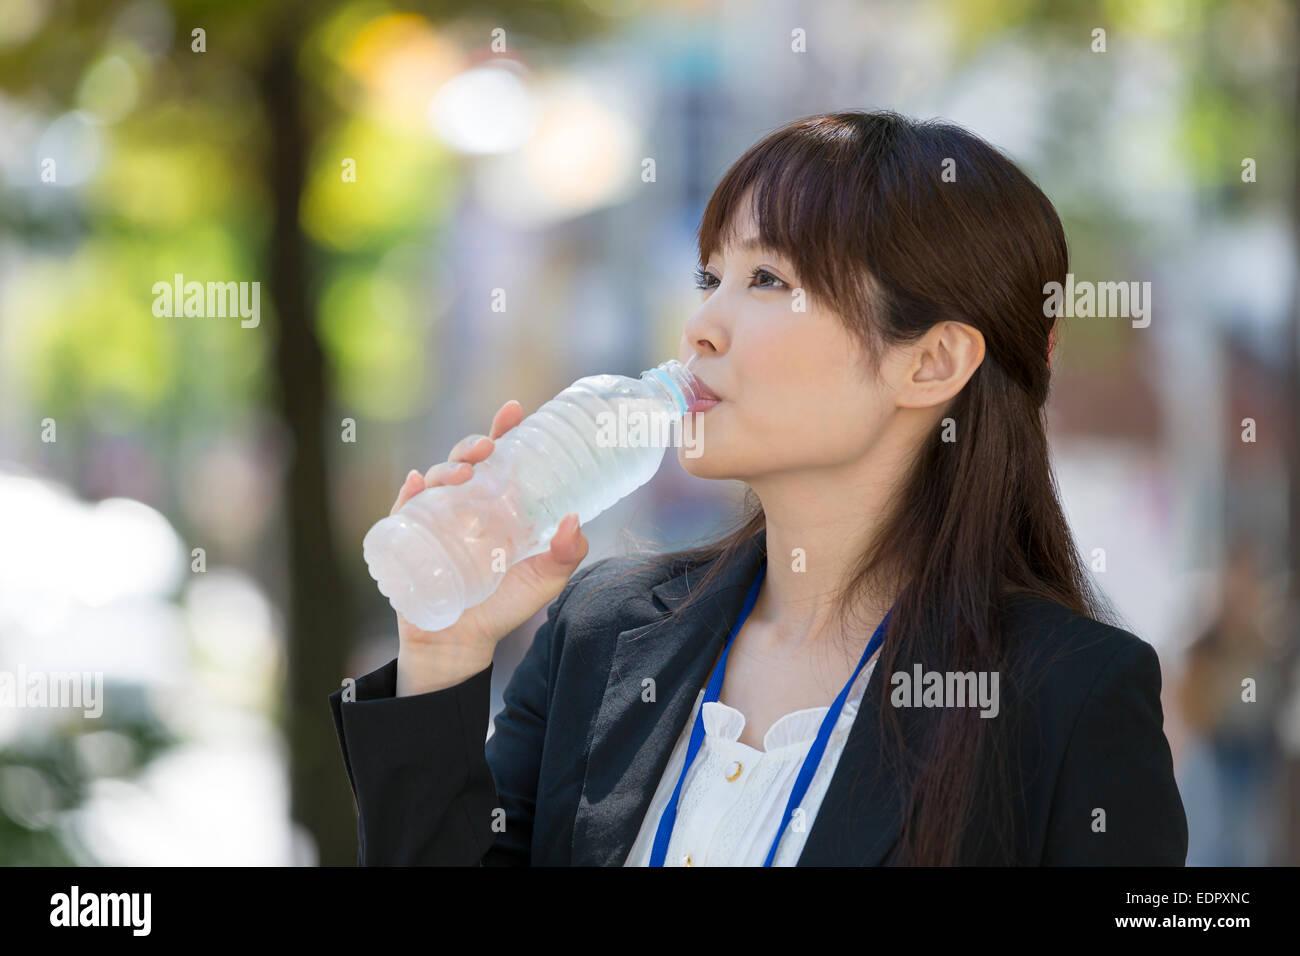 Imprenditrice di bere acqua in bottiglia Immagini Stock